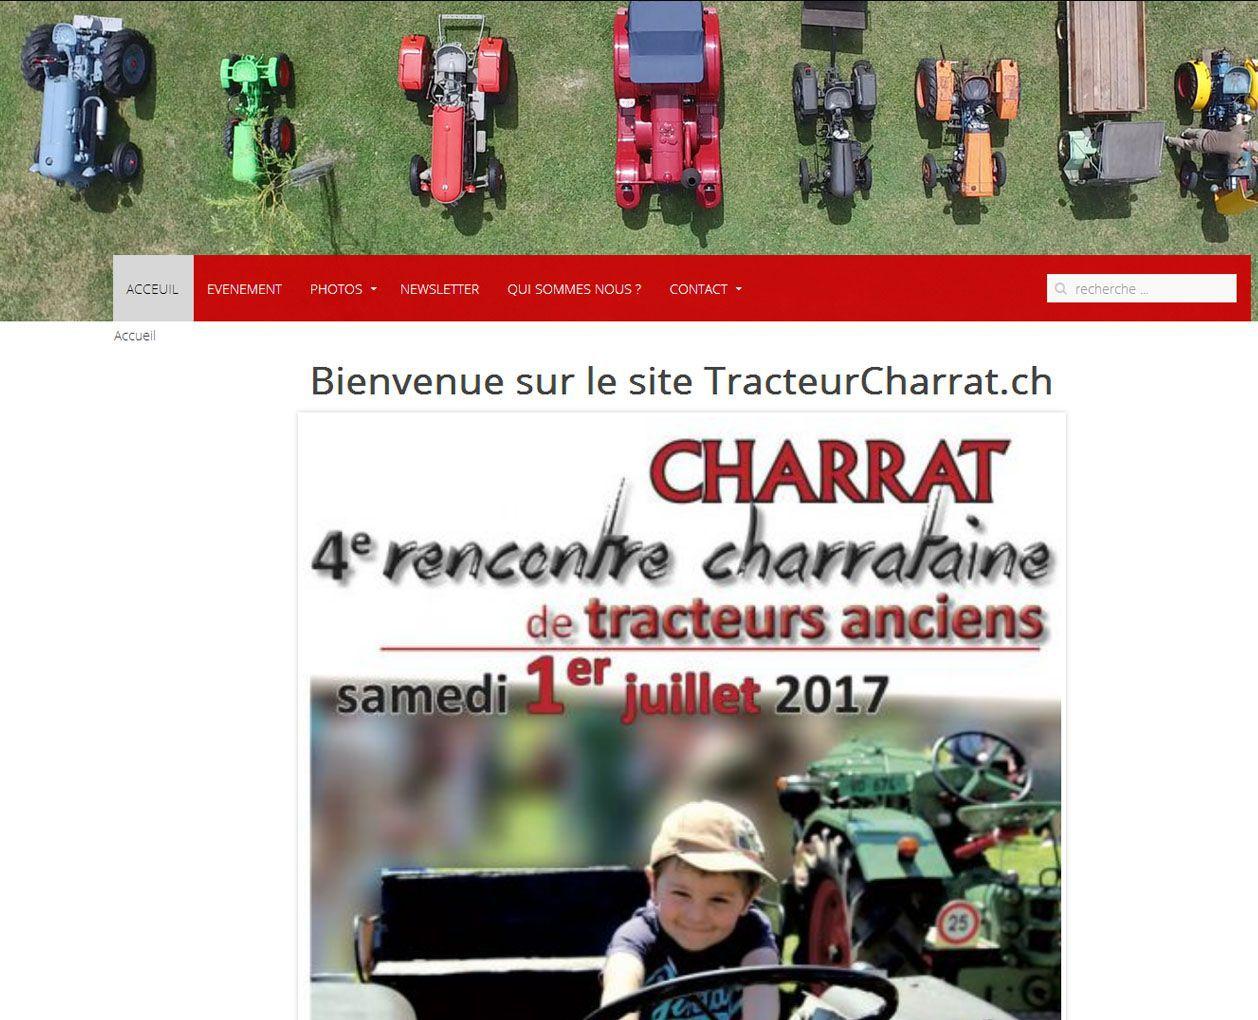 tracteurcharrat